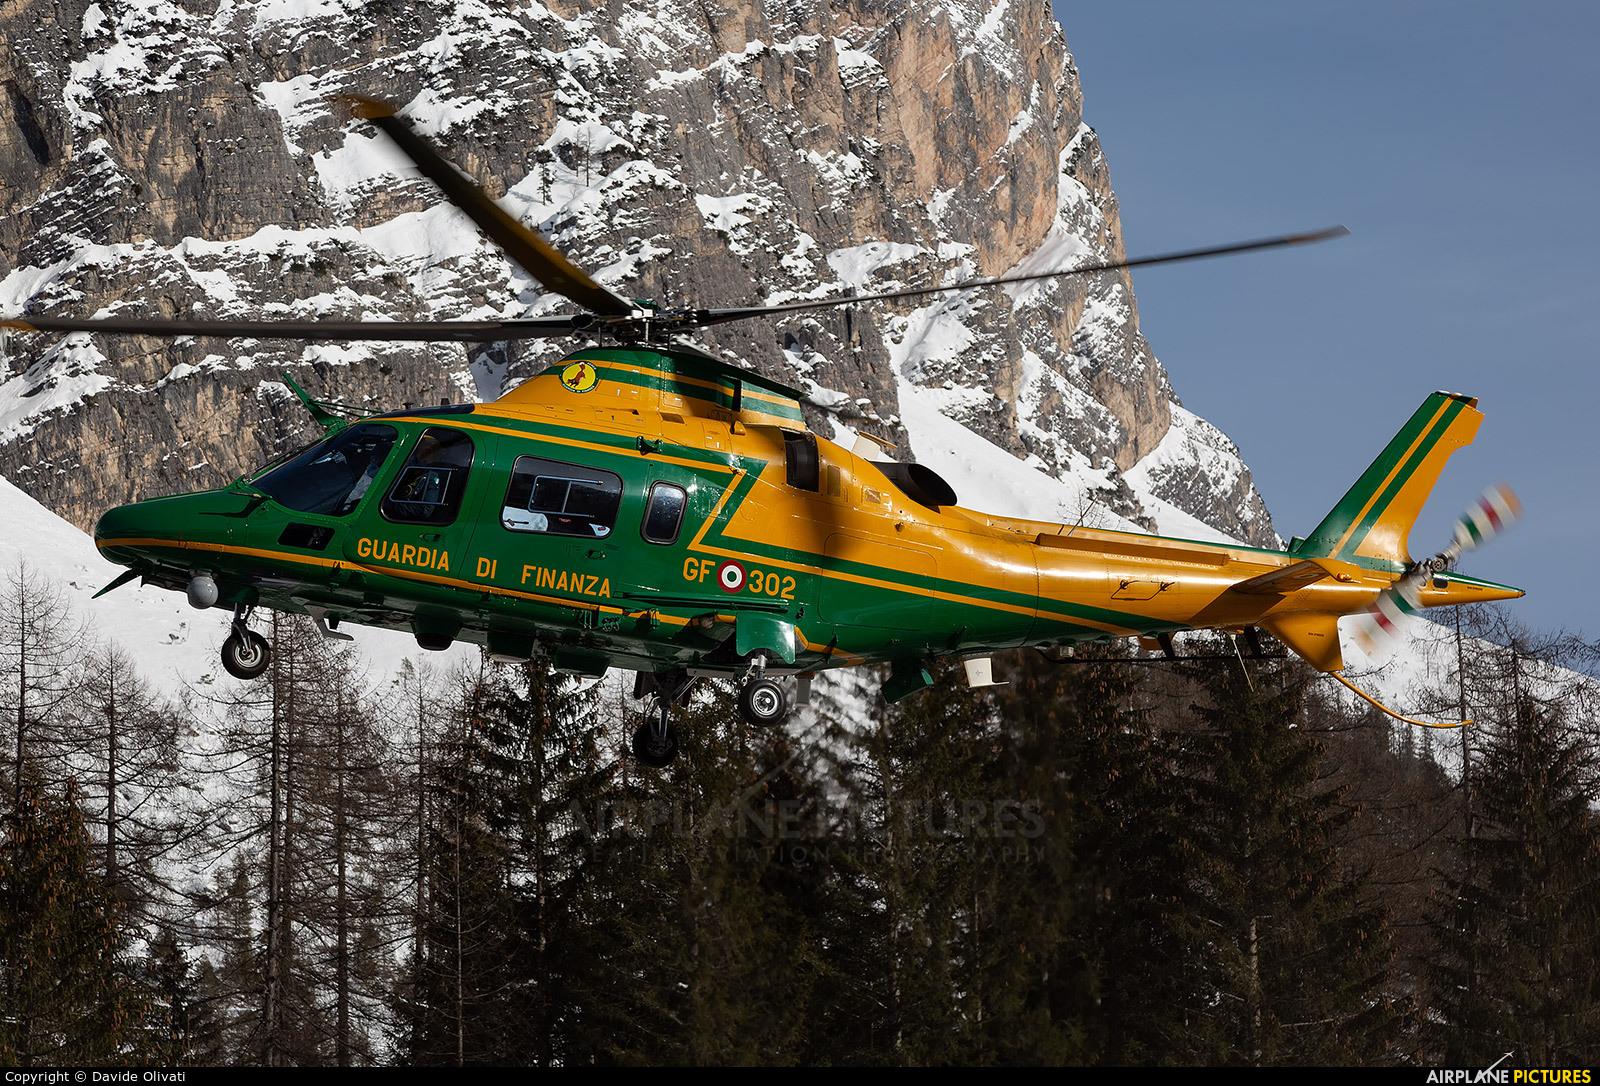 Italy - Guardia di Finanza MM81680 aircraft at Off Airport - Italy